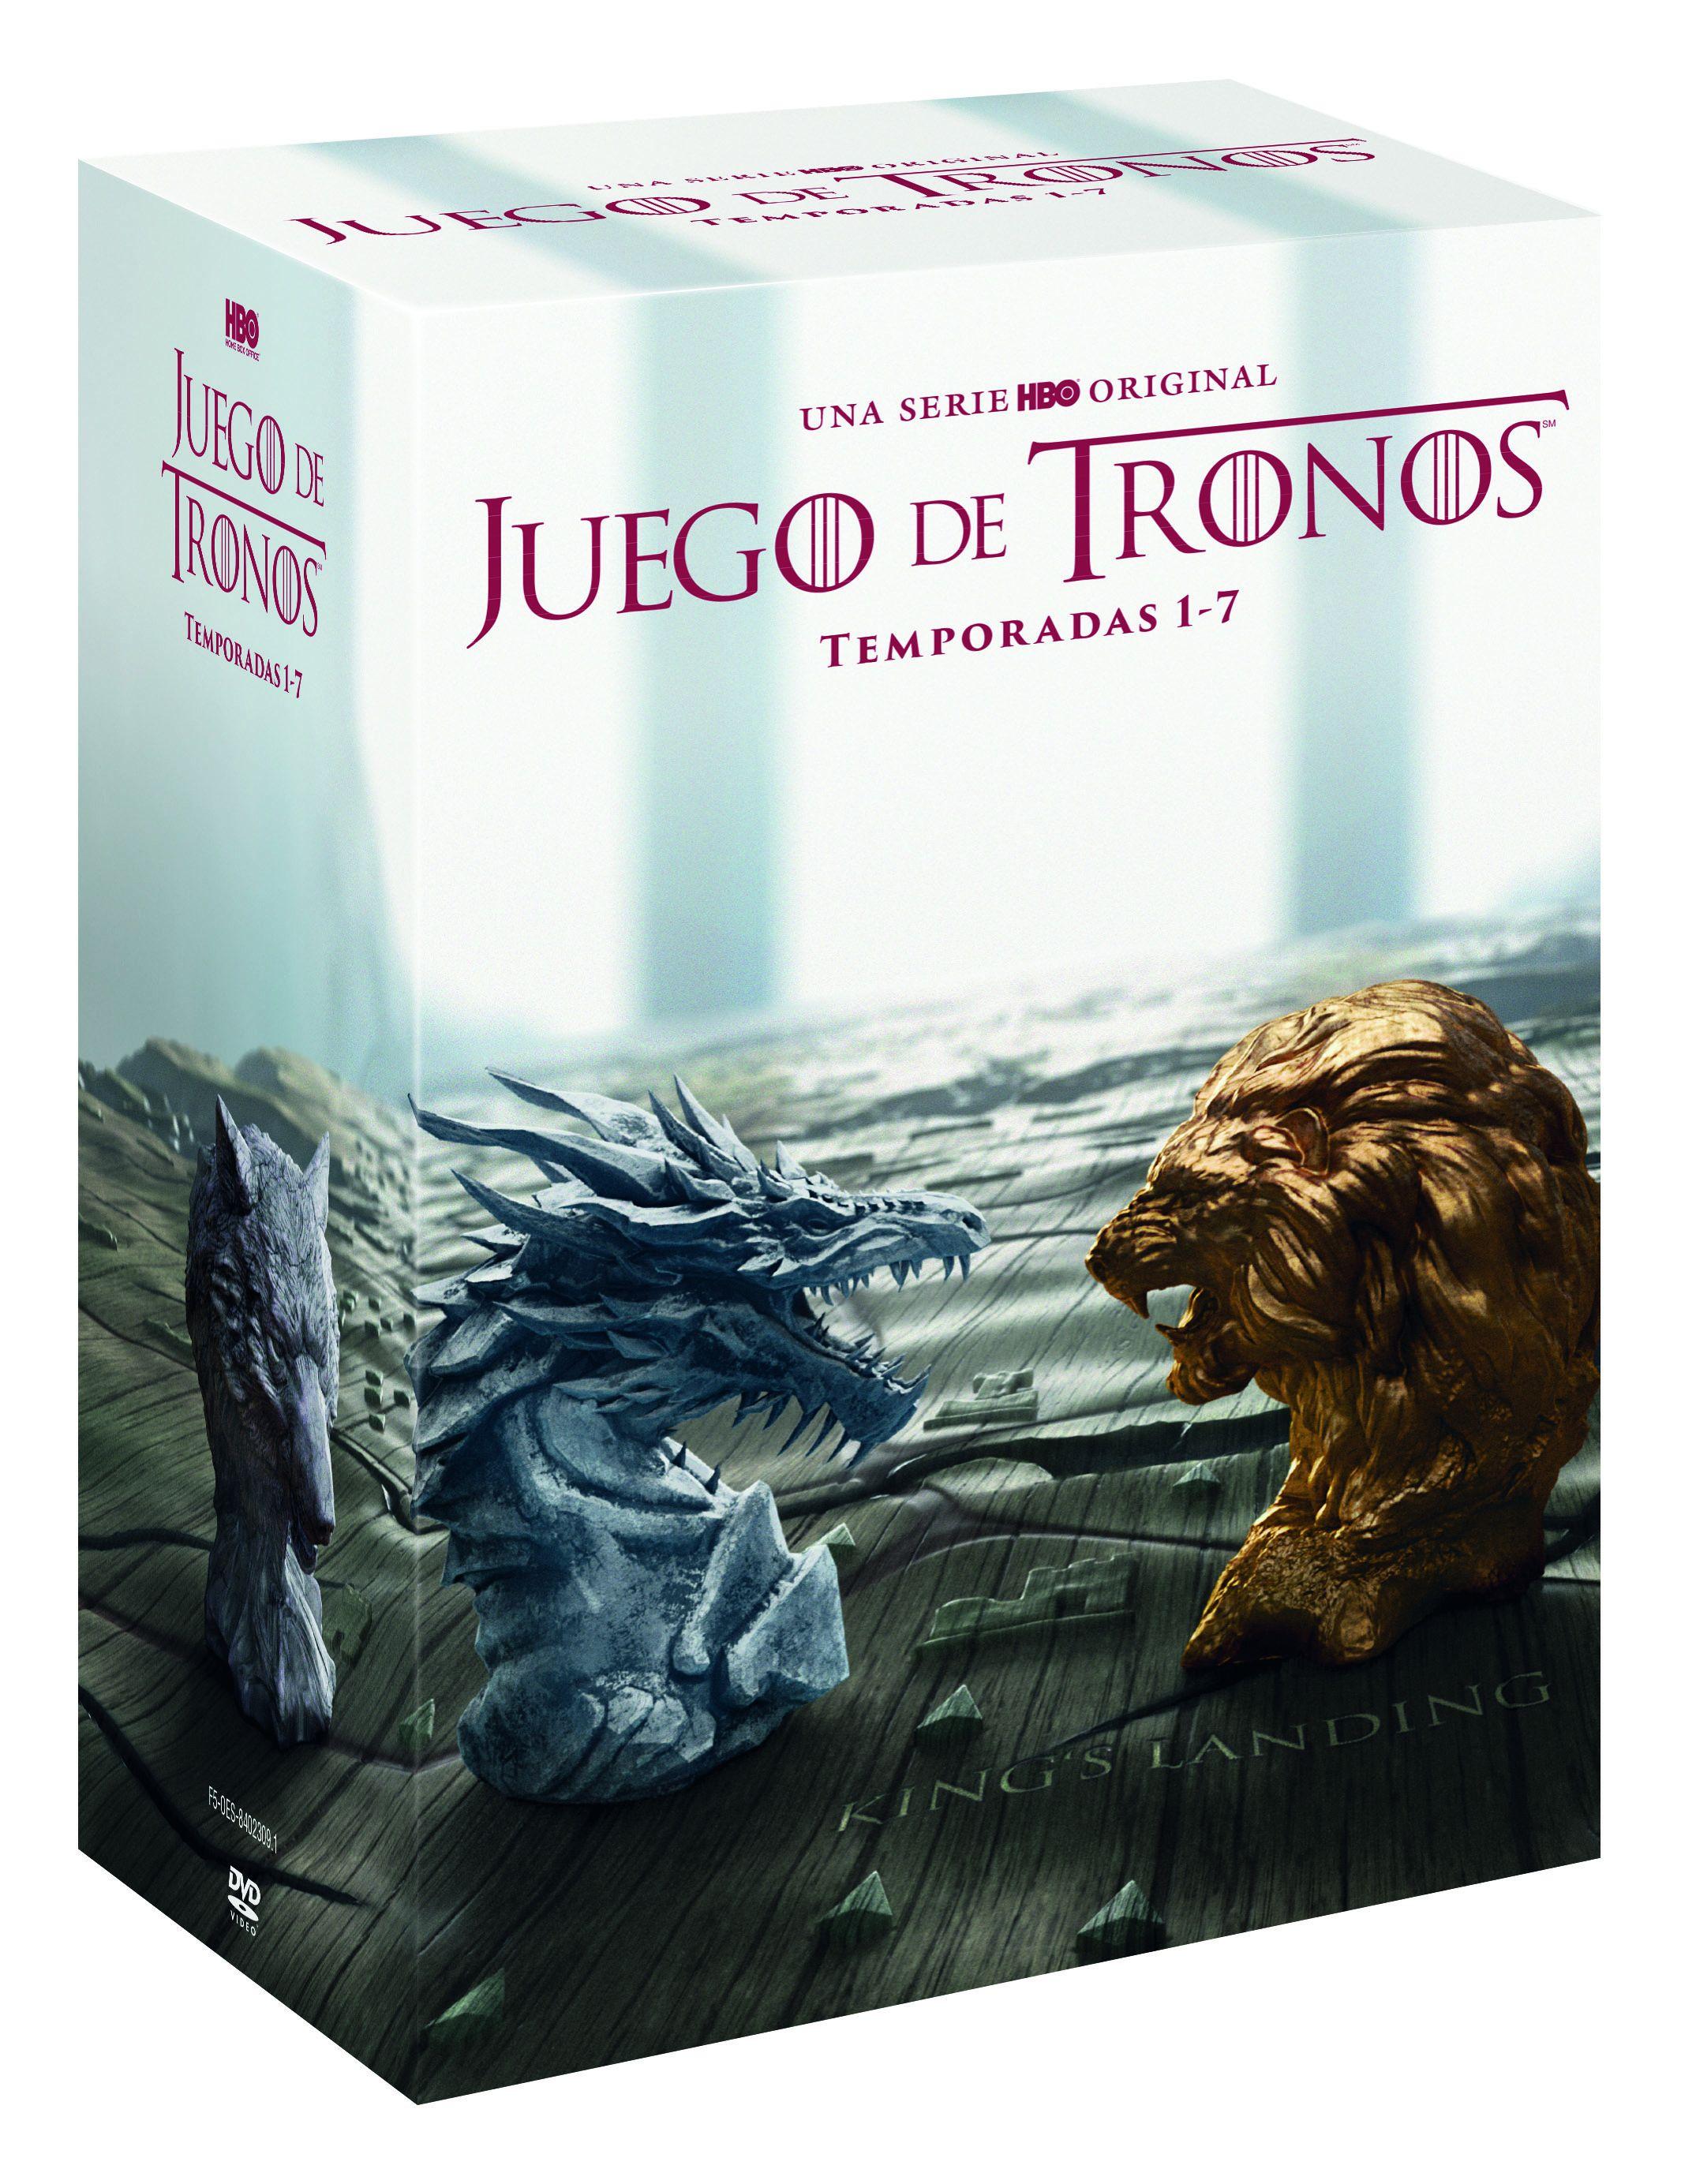 juego de tronos - dvd - temporada 1-7-8420266010803